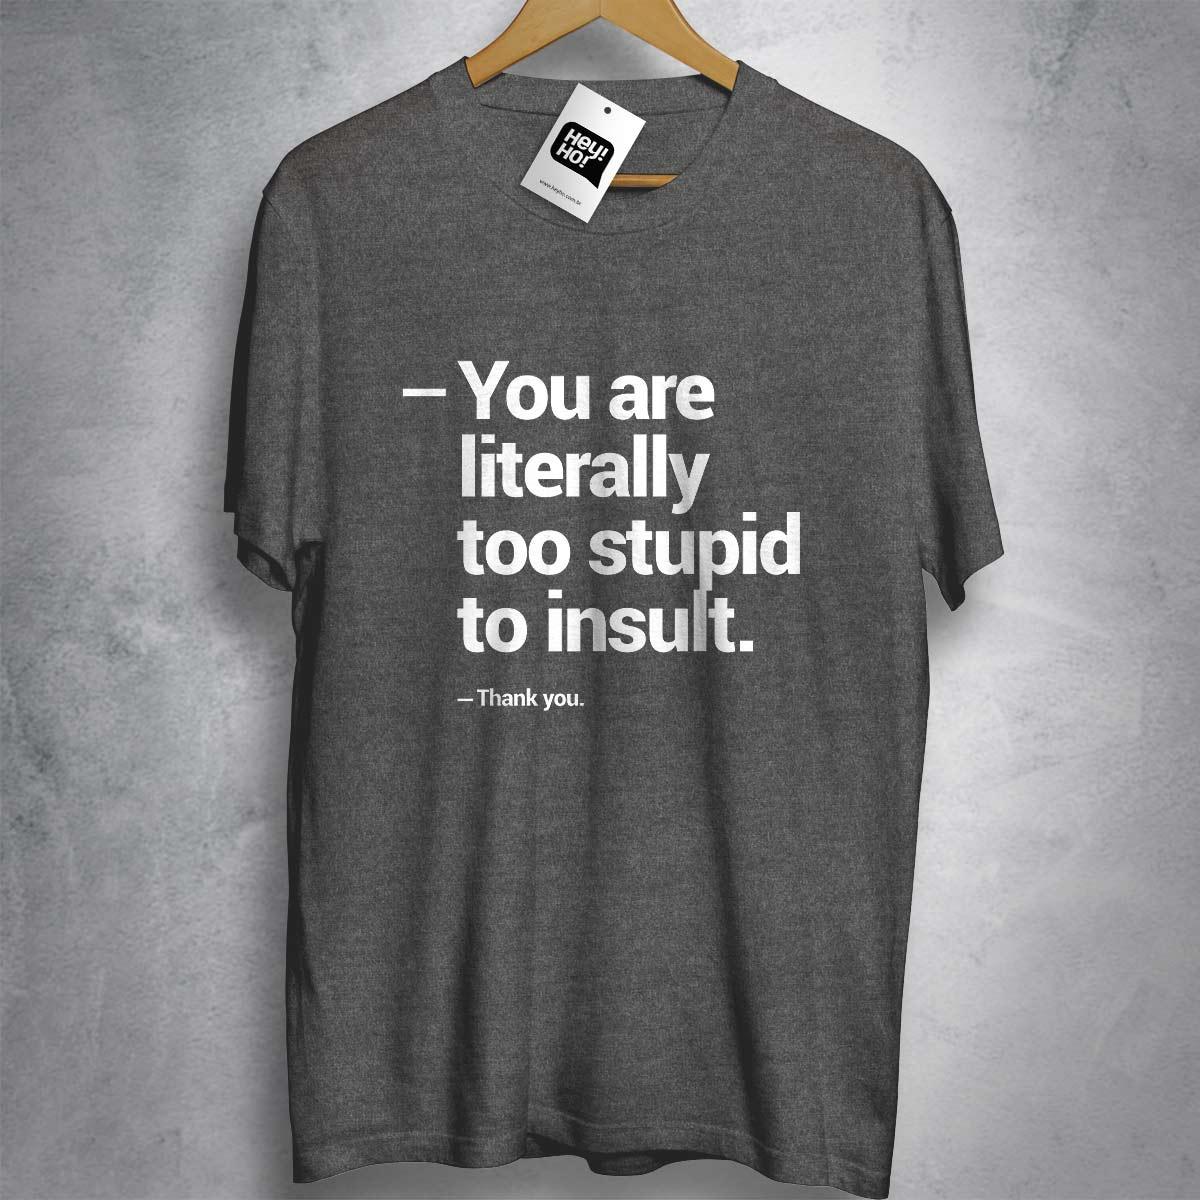 THE HANGOVER - Stupid